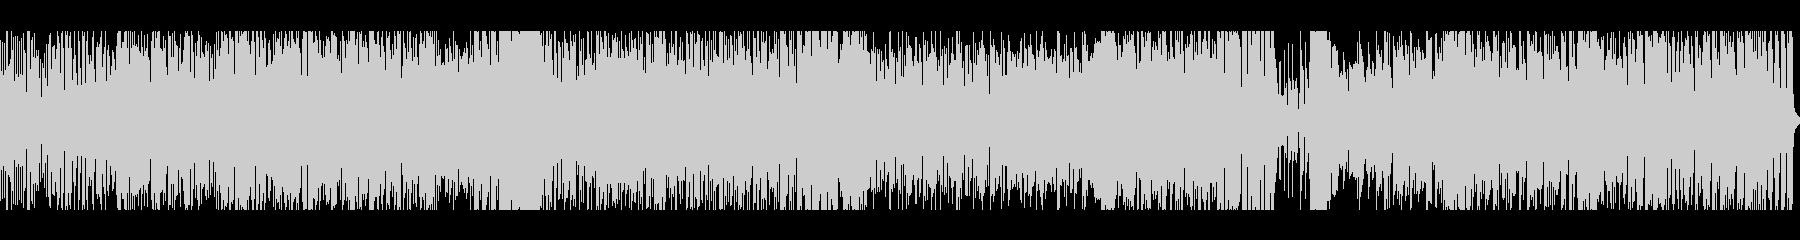 メロディアス / バトルの未再生の波形